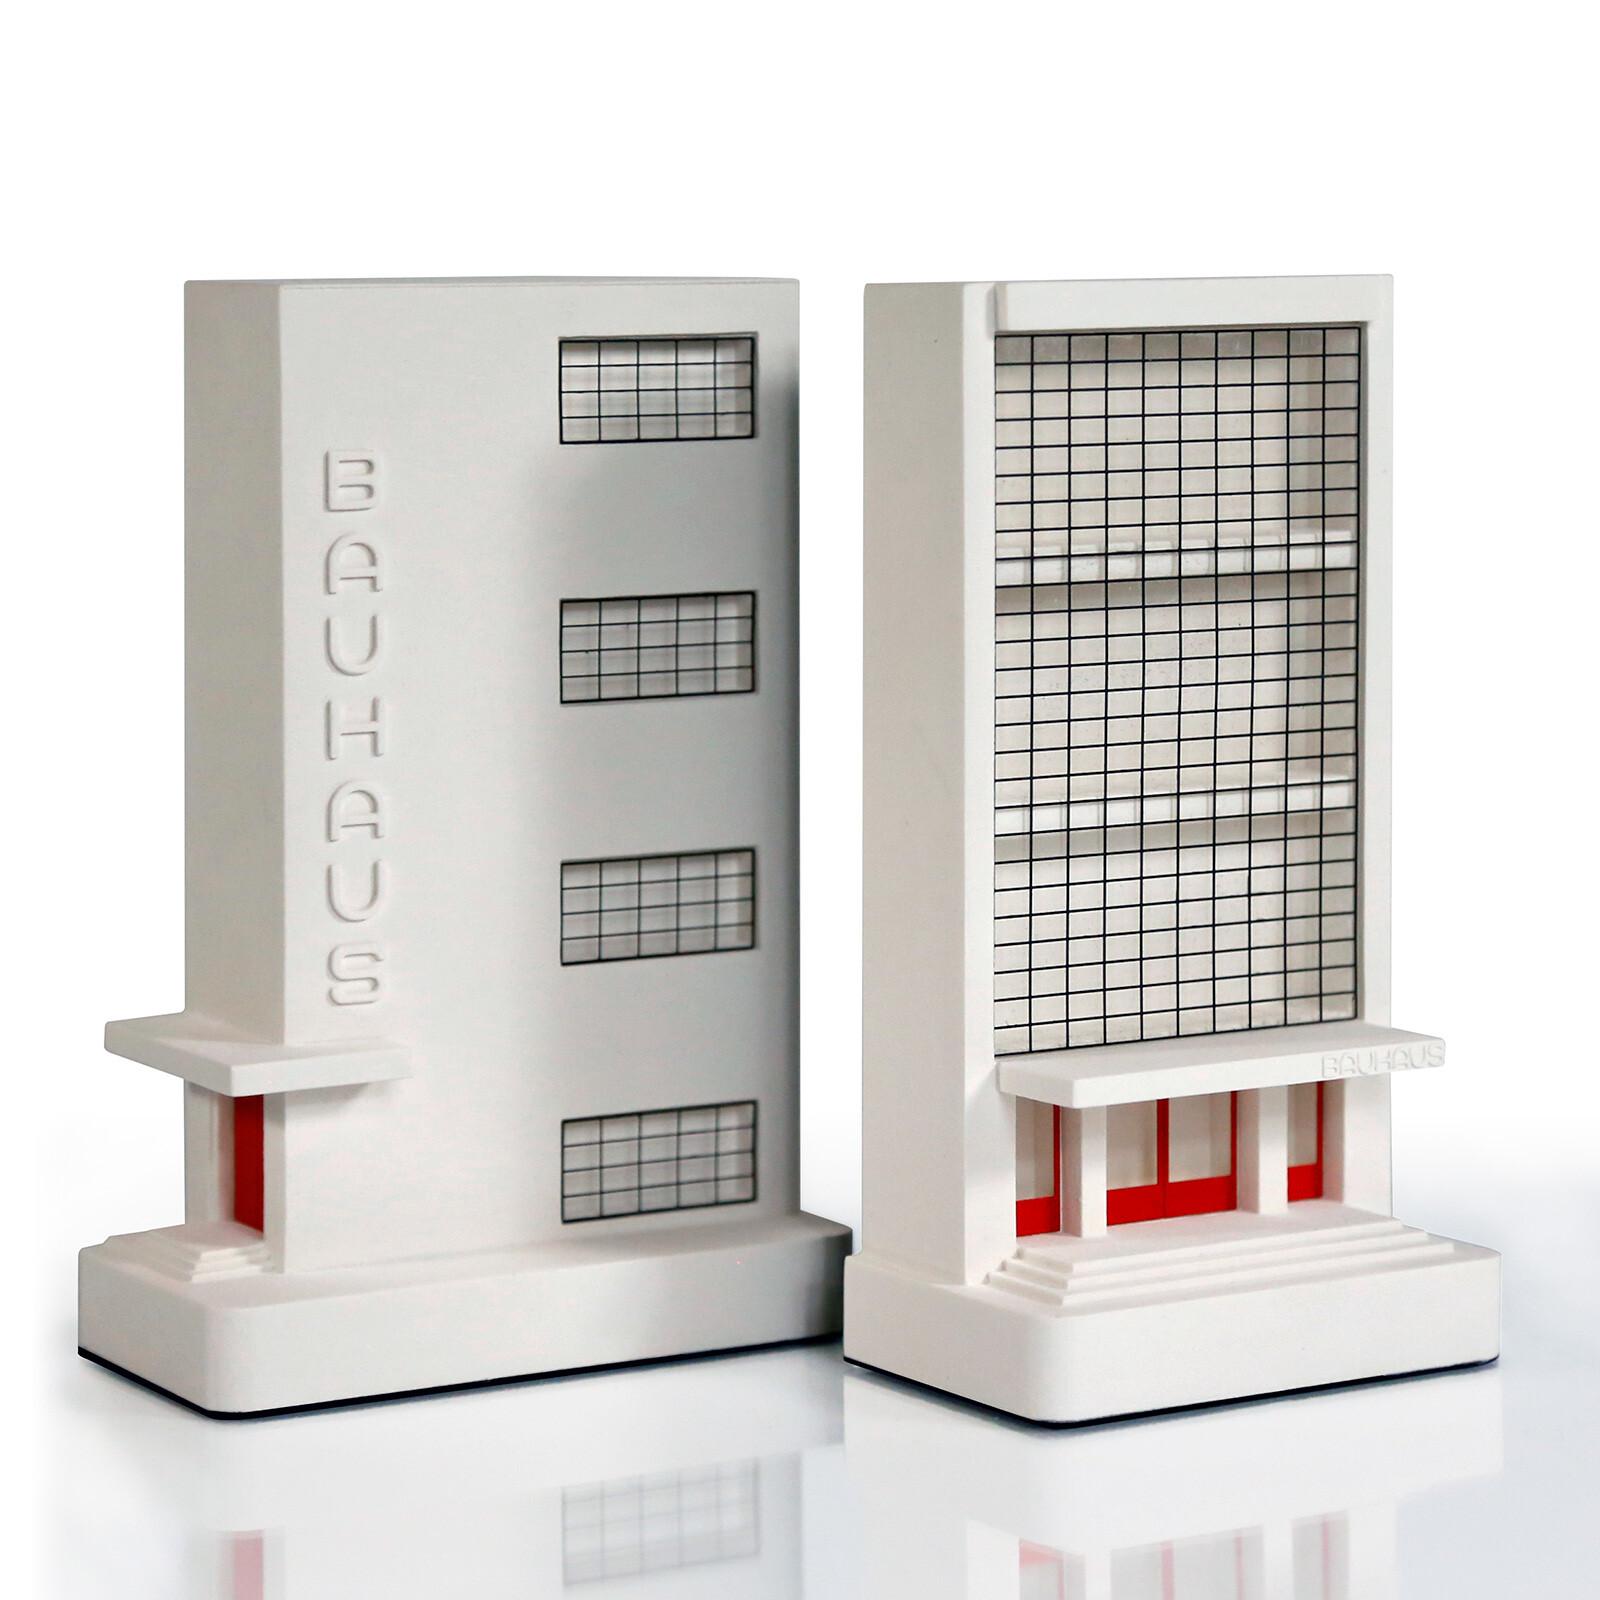 Bauhaus Dessau Entrance - Chisel & Mouse